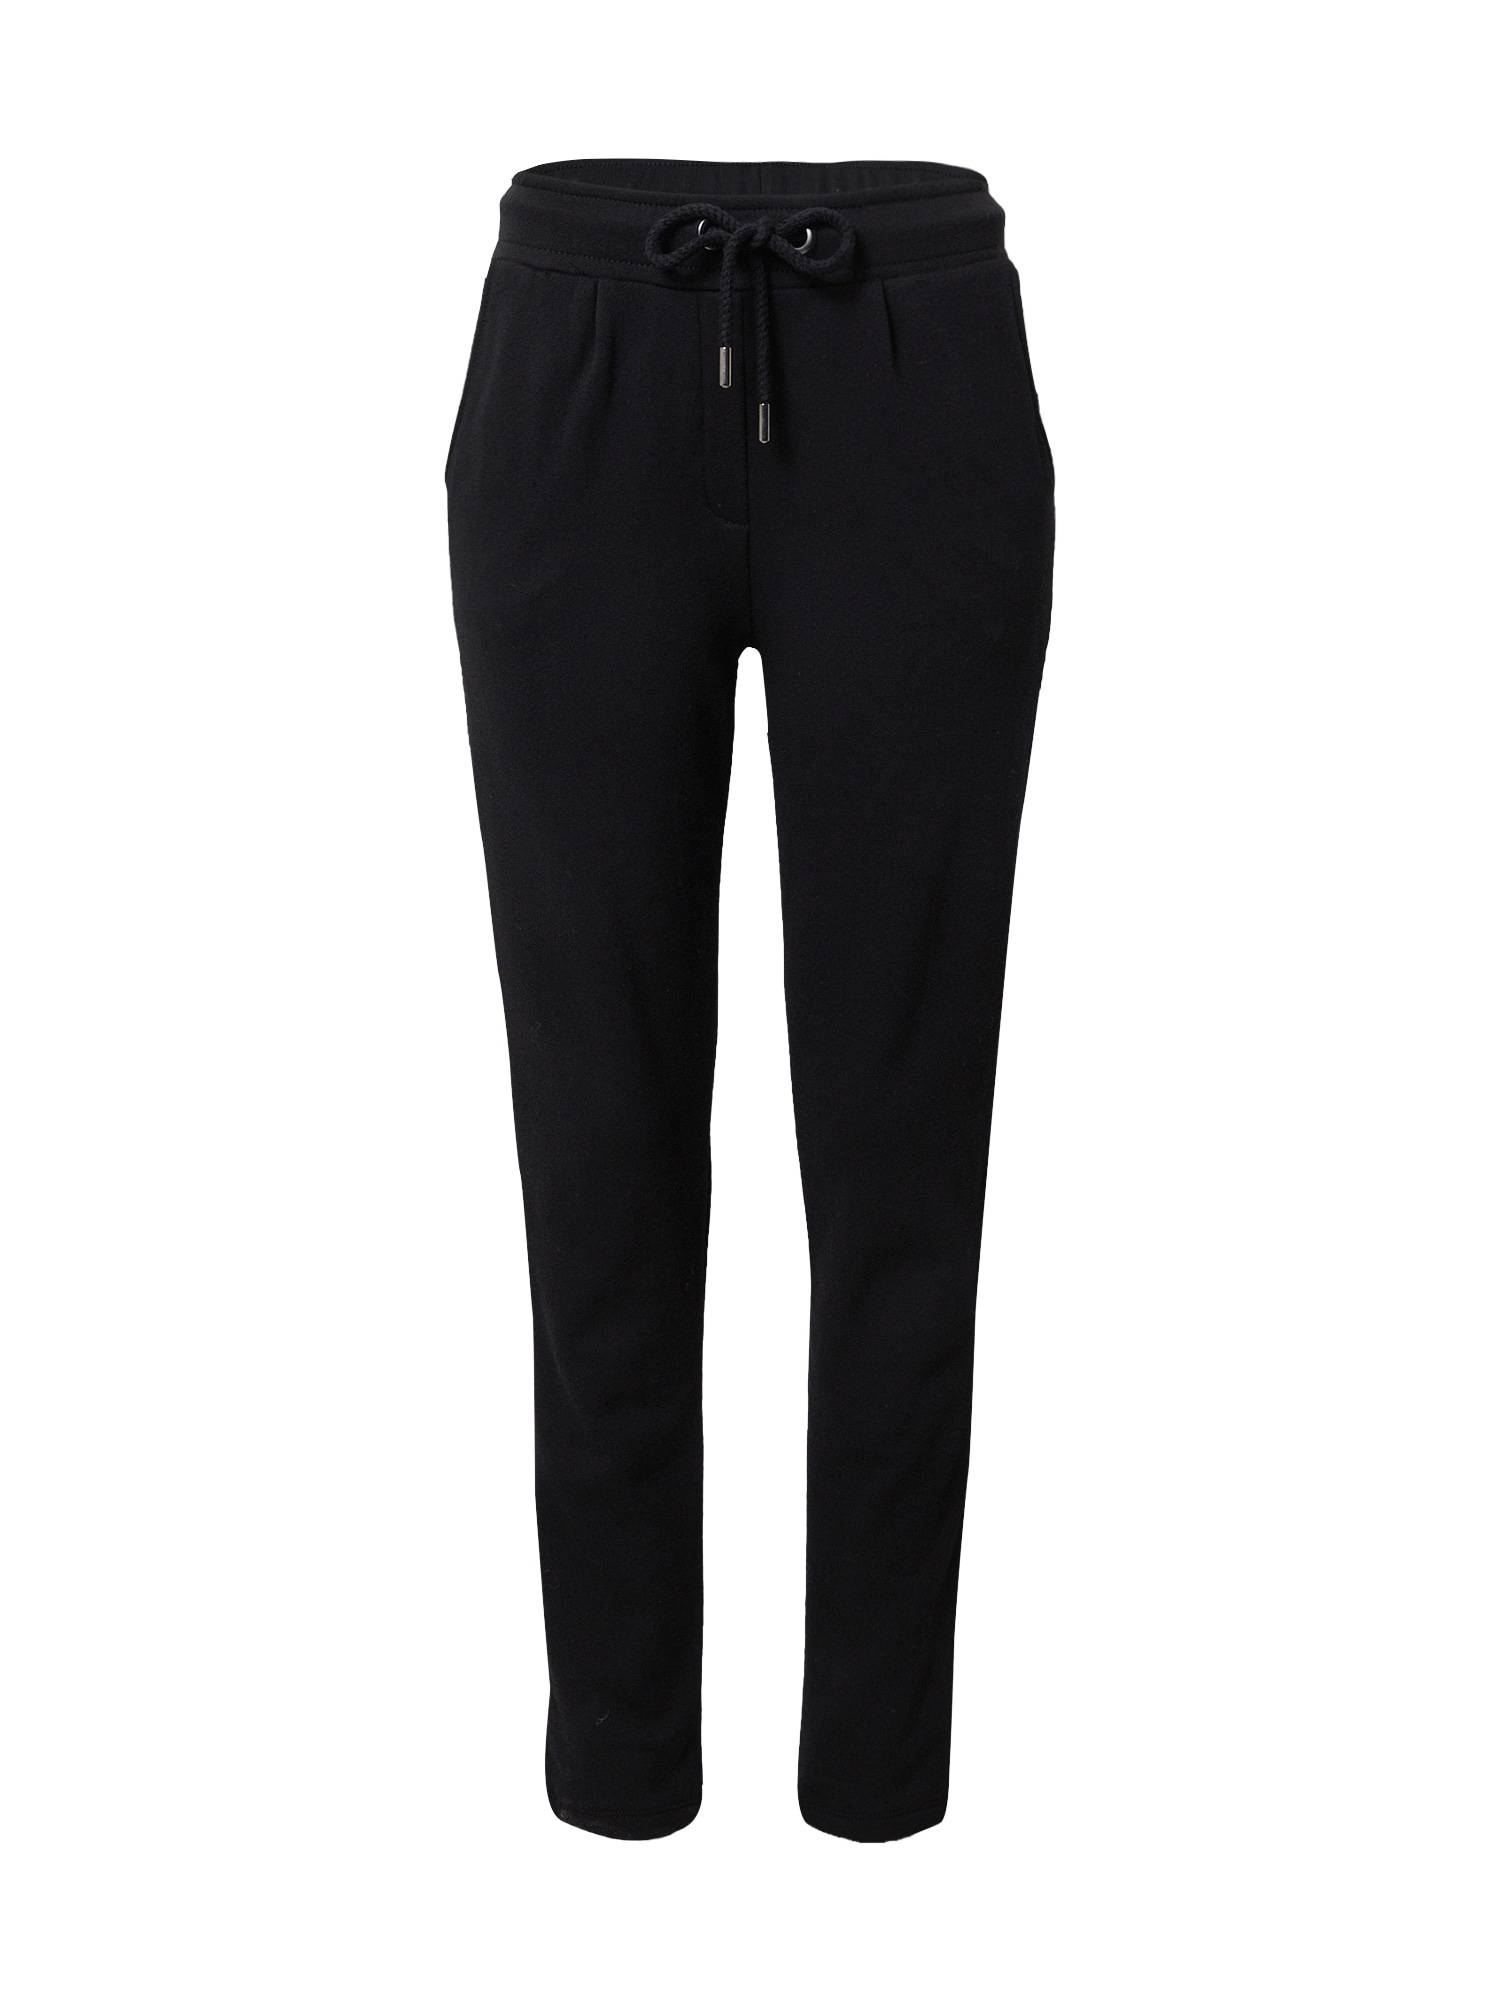 Princess Pantalon à pince  - Noir - Taille: L - female